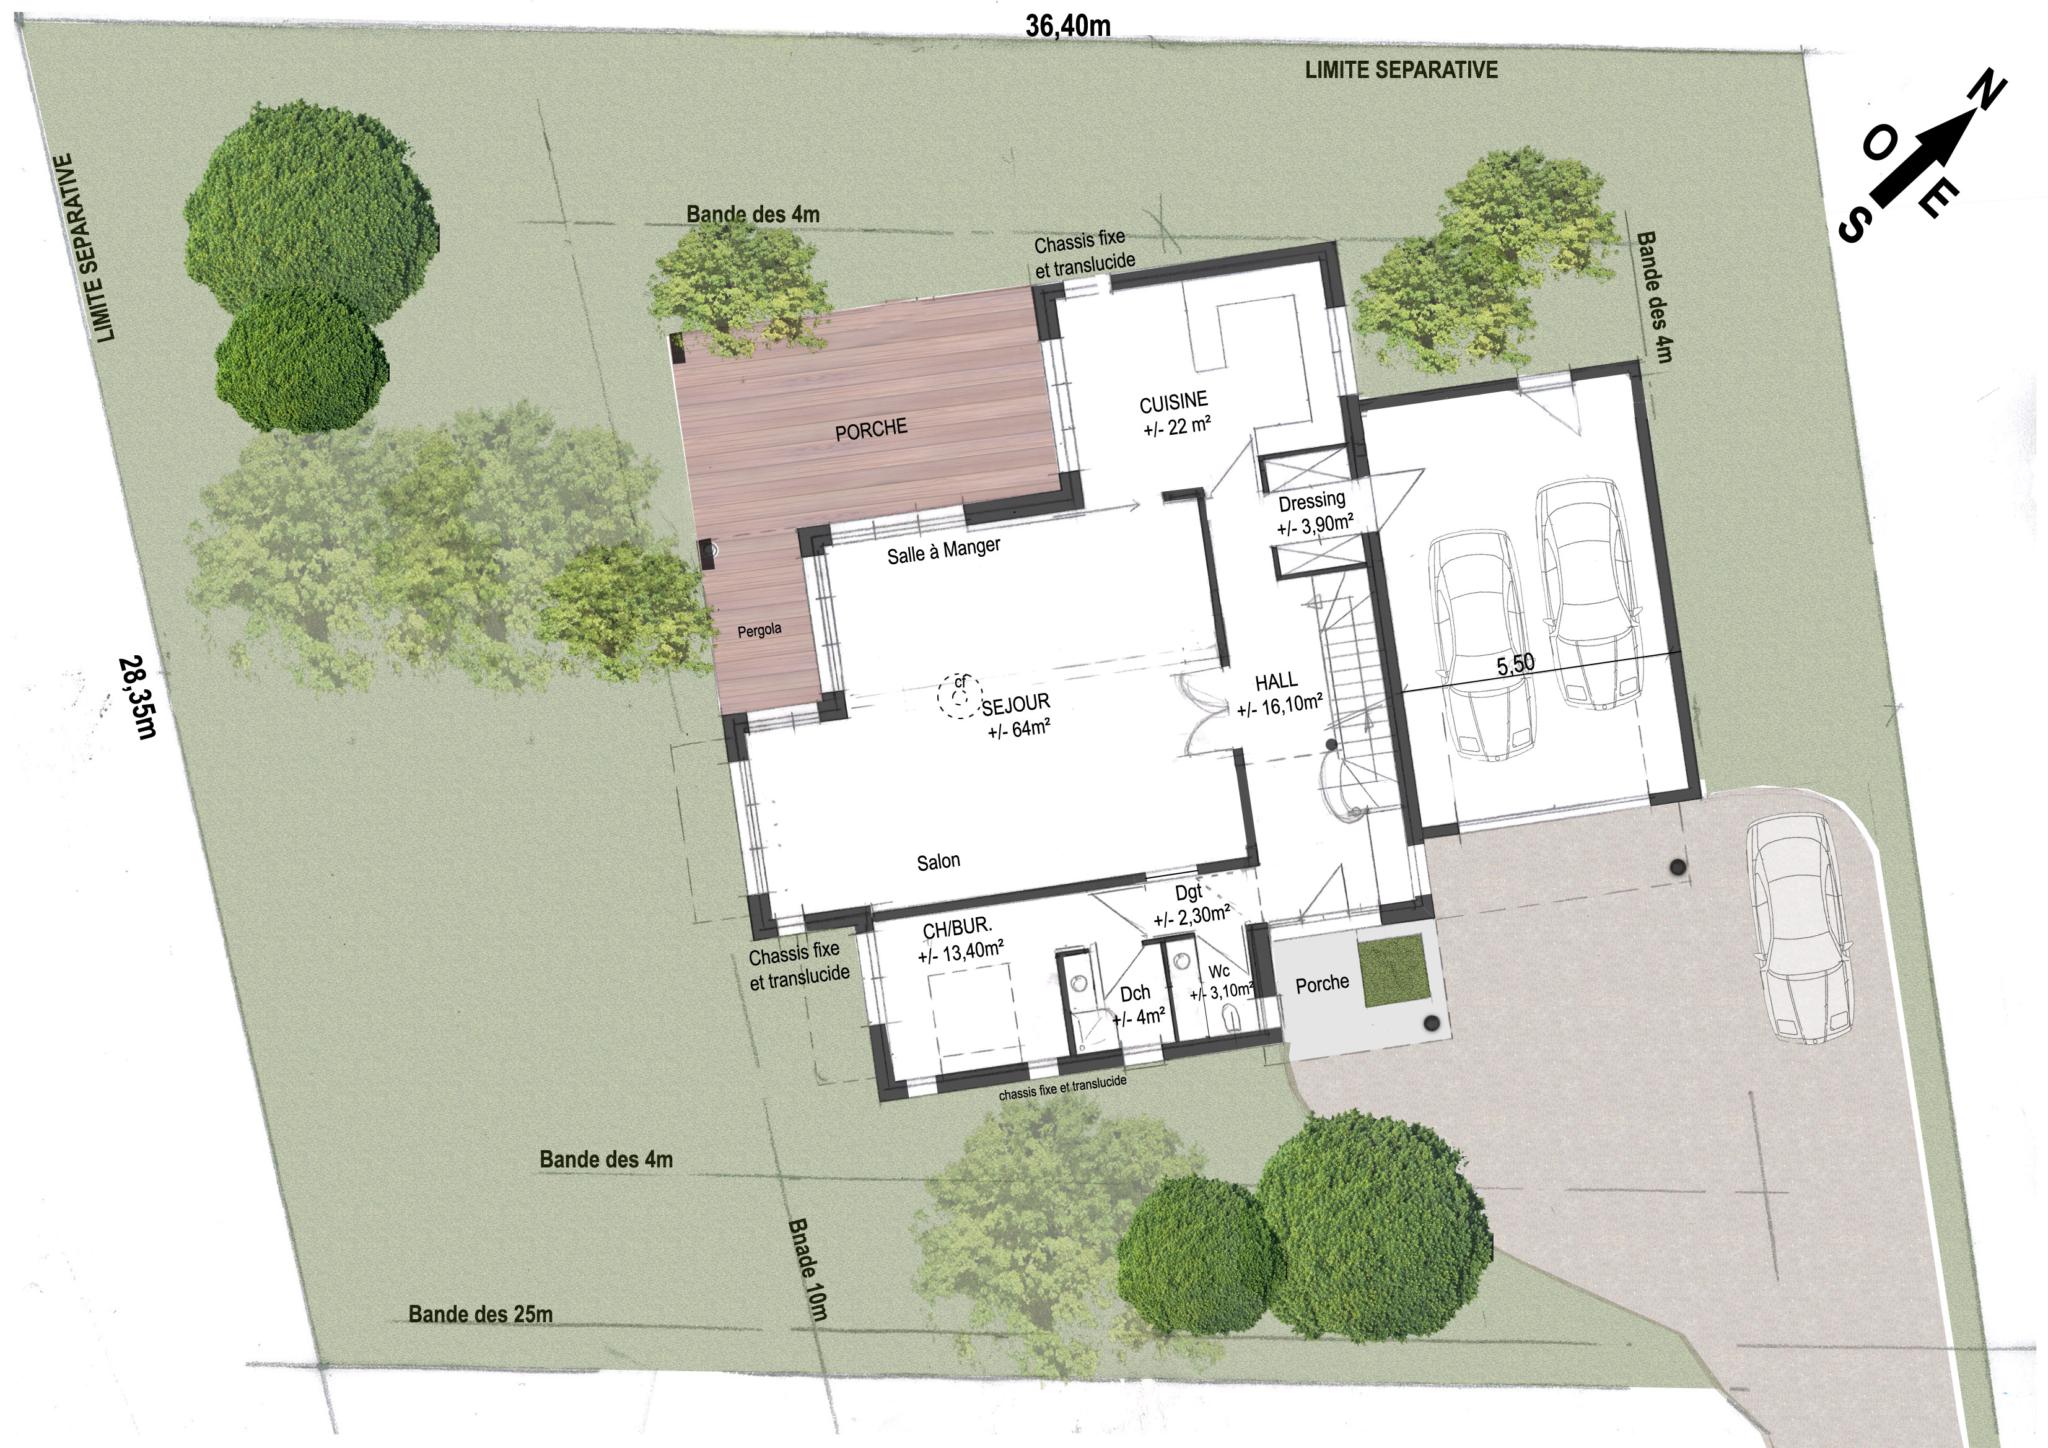 Plan d'architecte de l'intérieur de la maison contemporaine avec le salon, la chambre, le porche et le garage